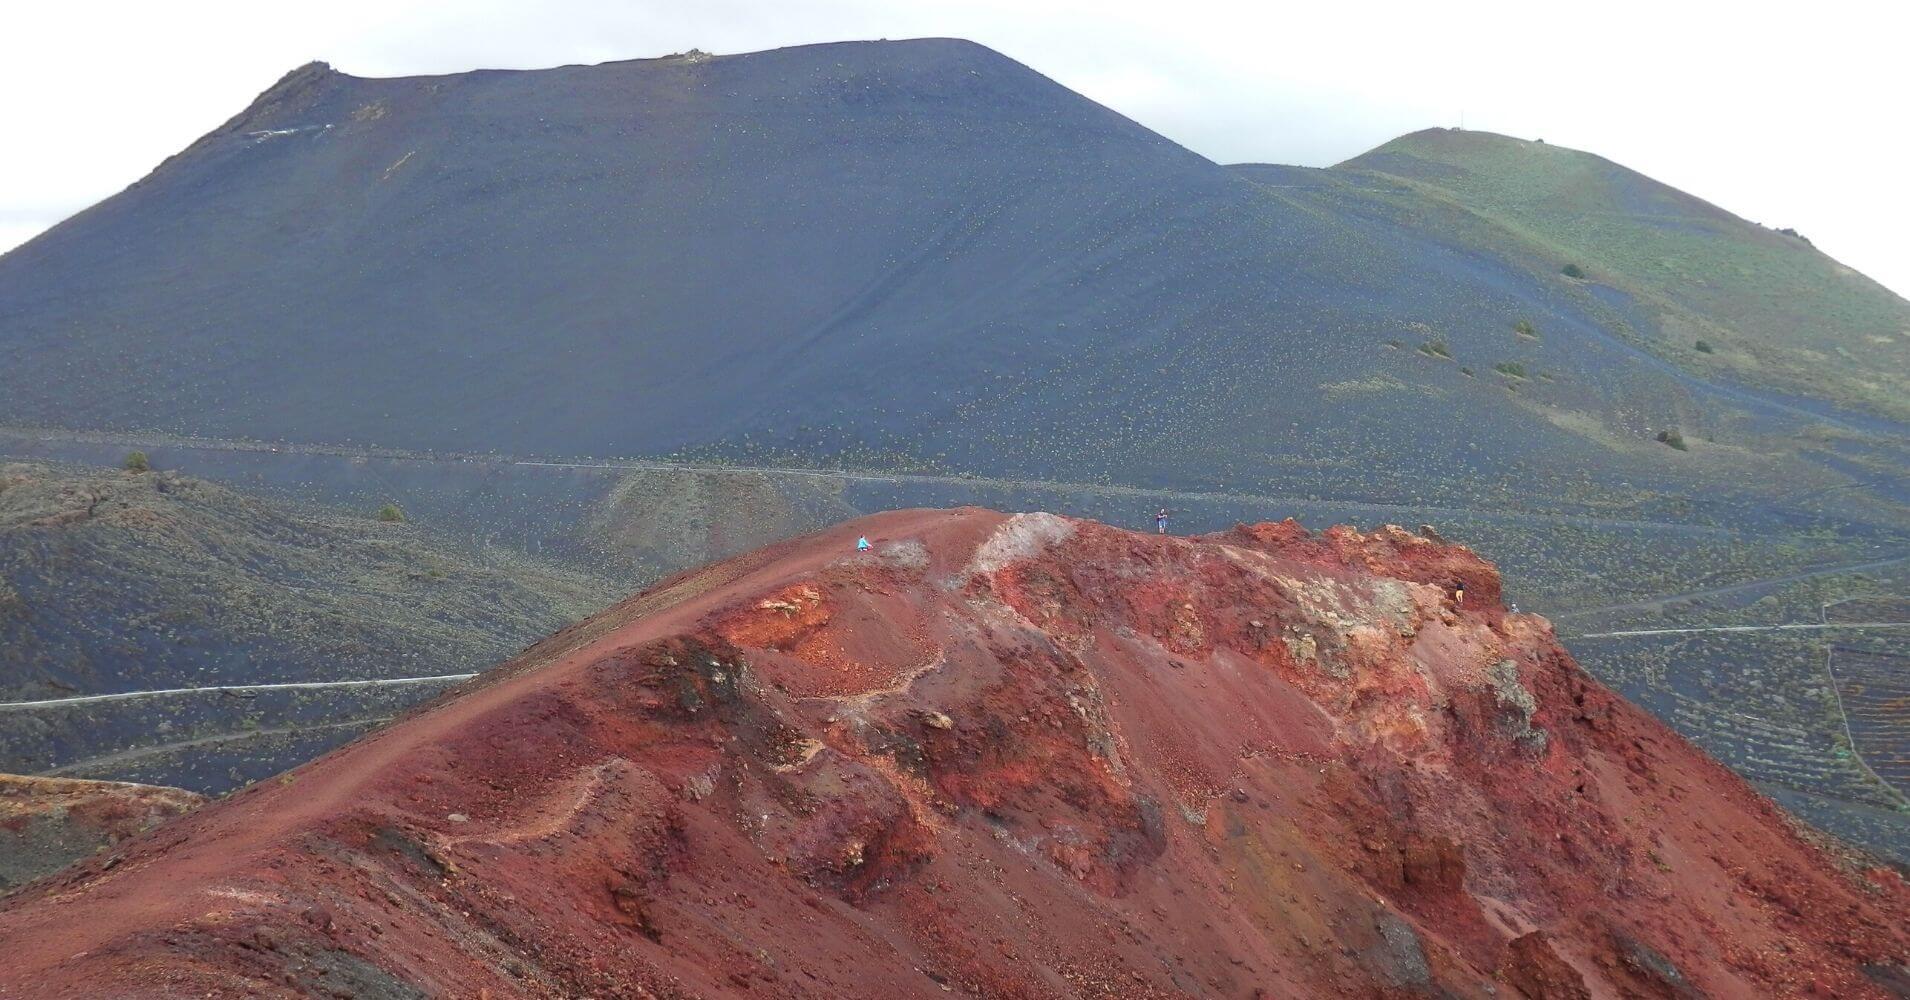 Volcán San Antonio y Teneguía. Isla de La Palma. Islas Canarias.